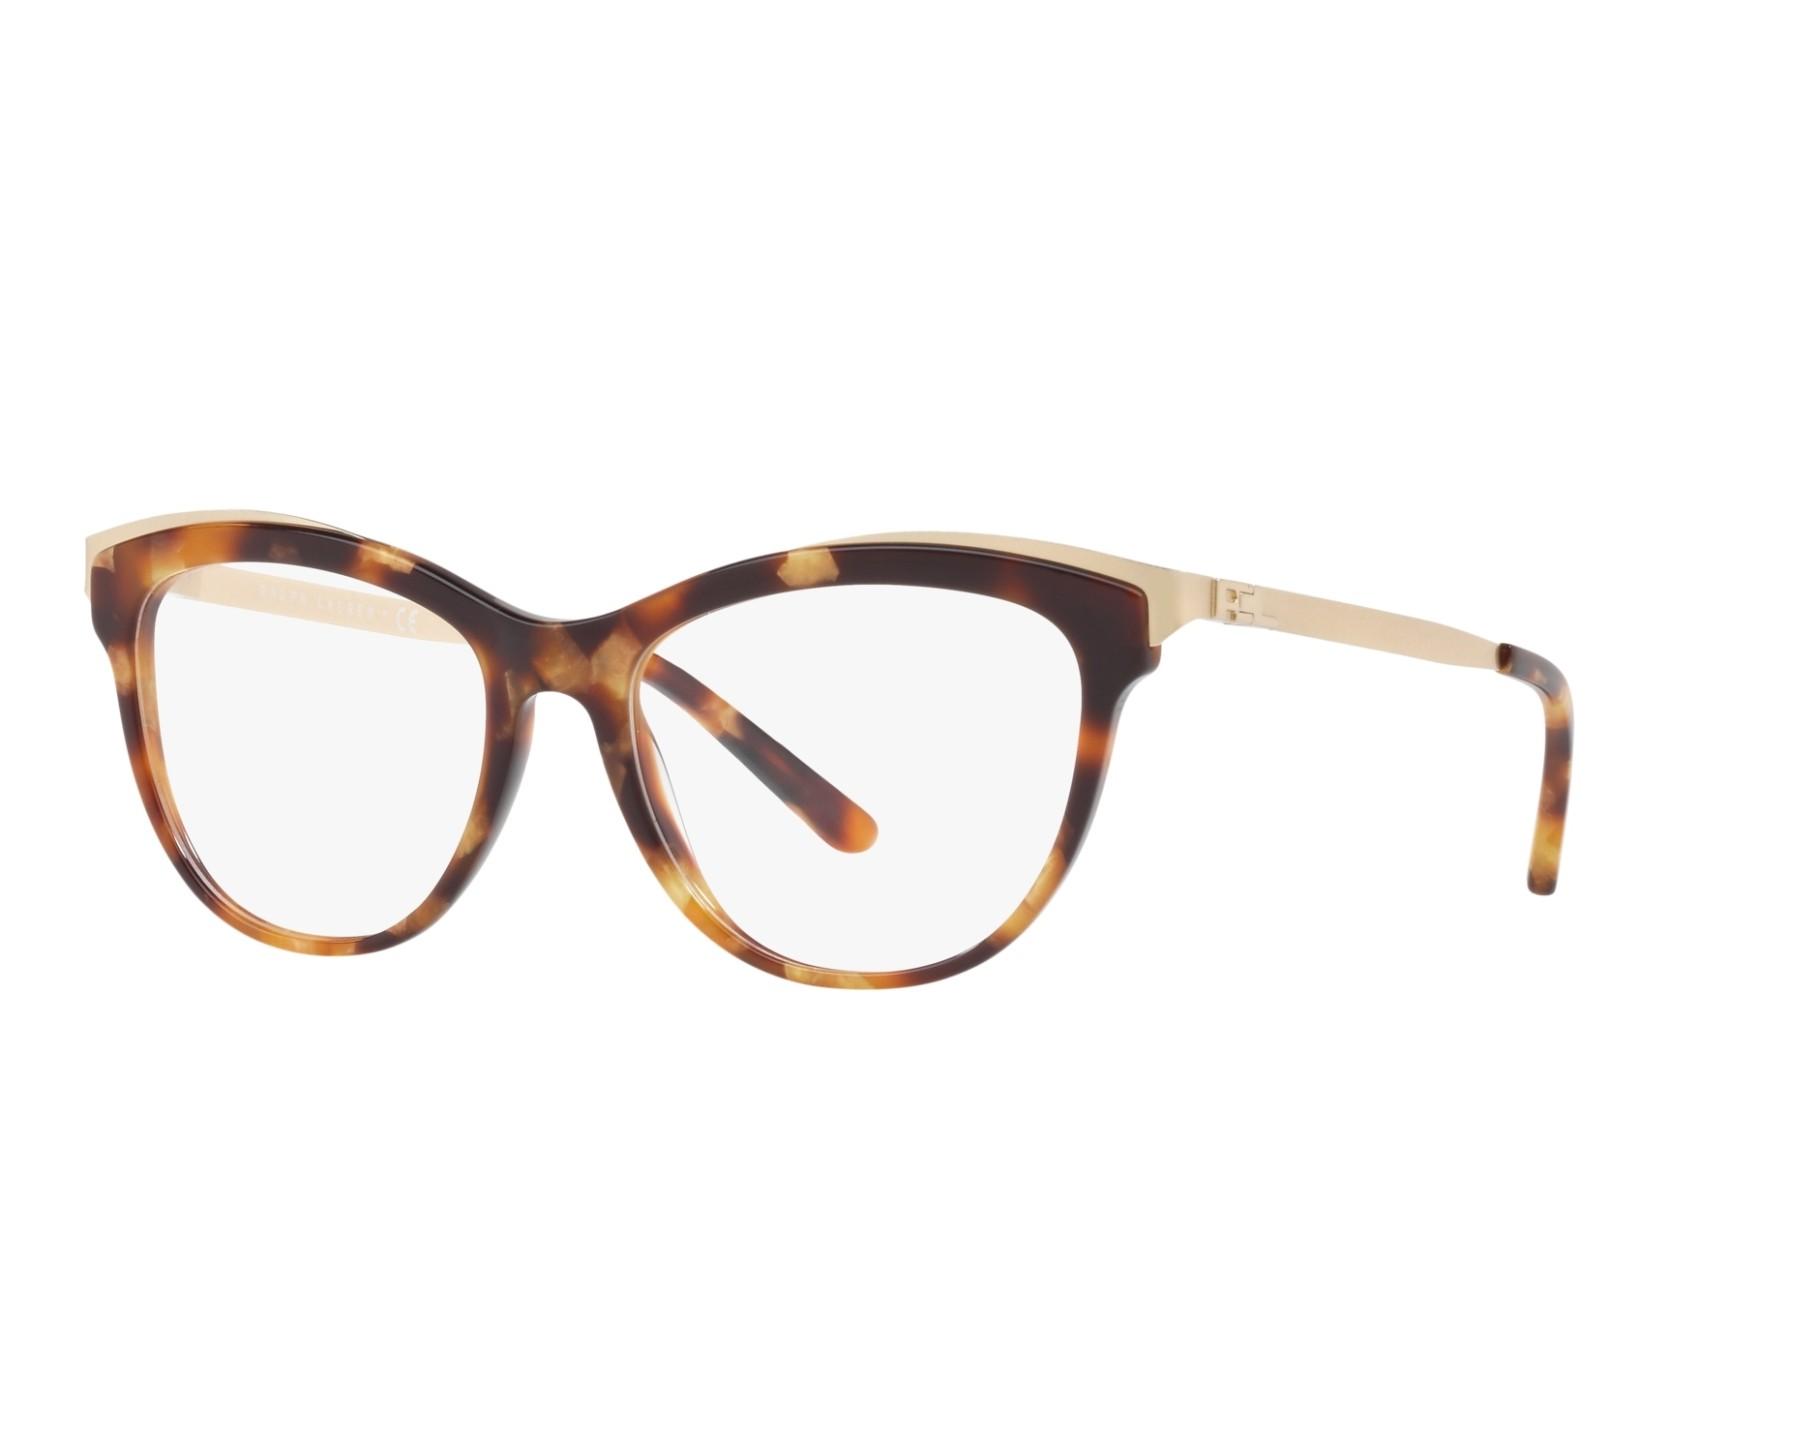 05b8912699 eyeglasses Ralph Lauren RL-6166 5615 53-17 Havana Gold